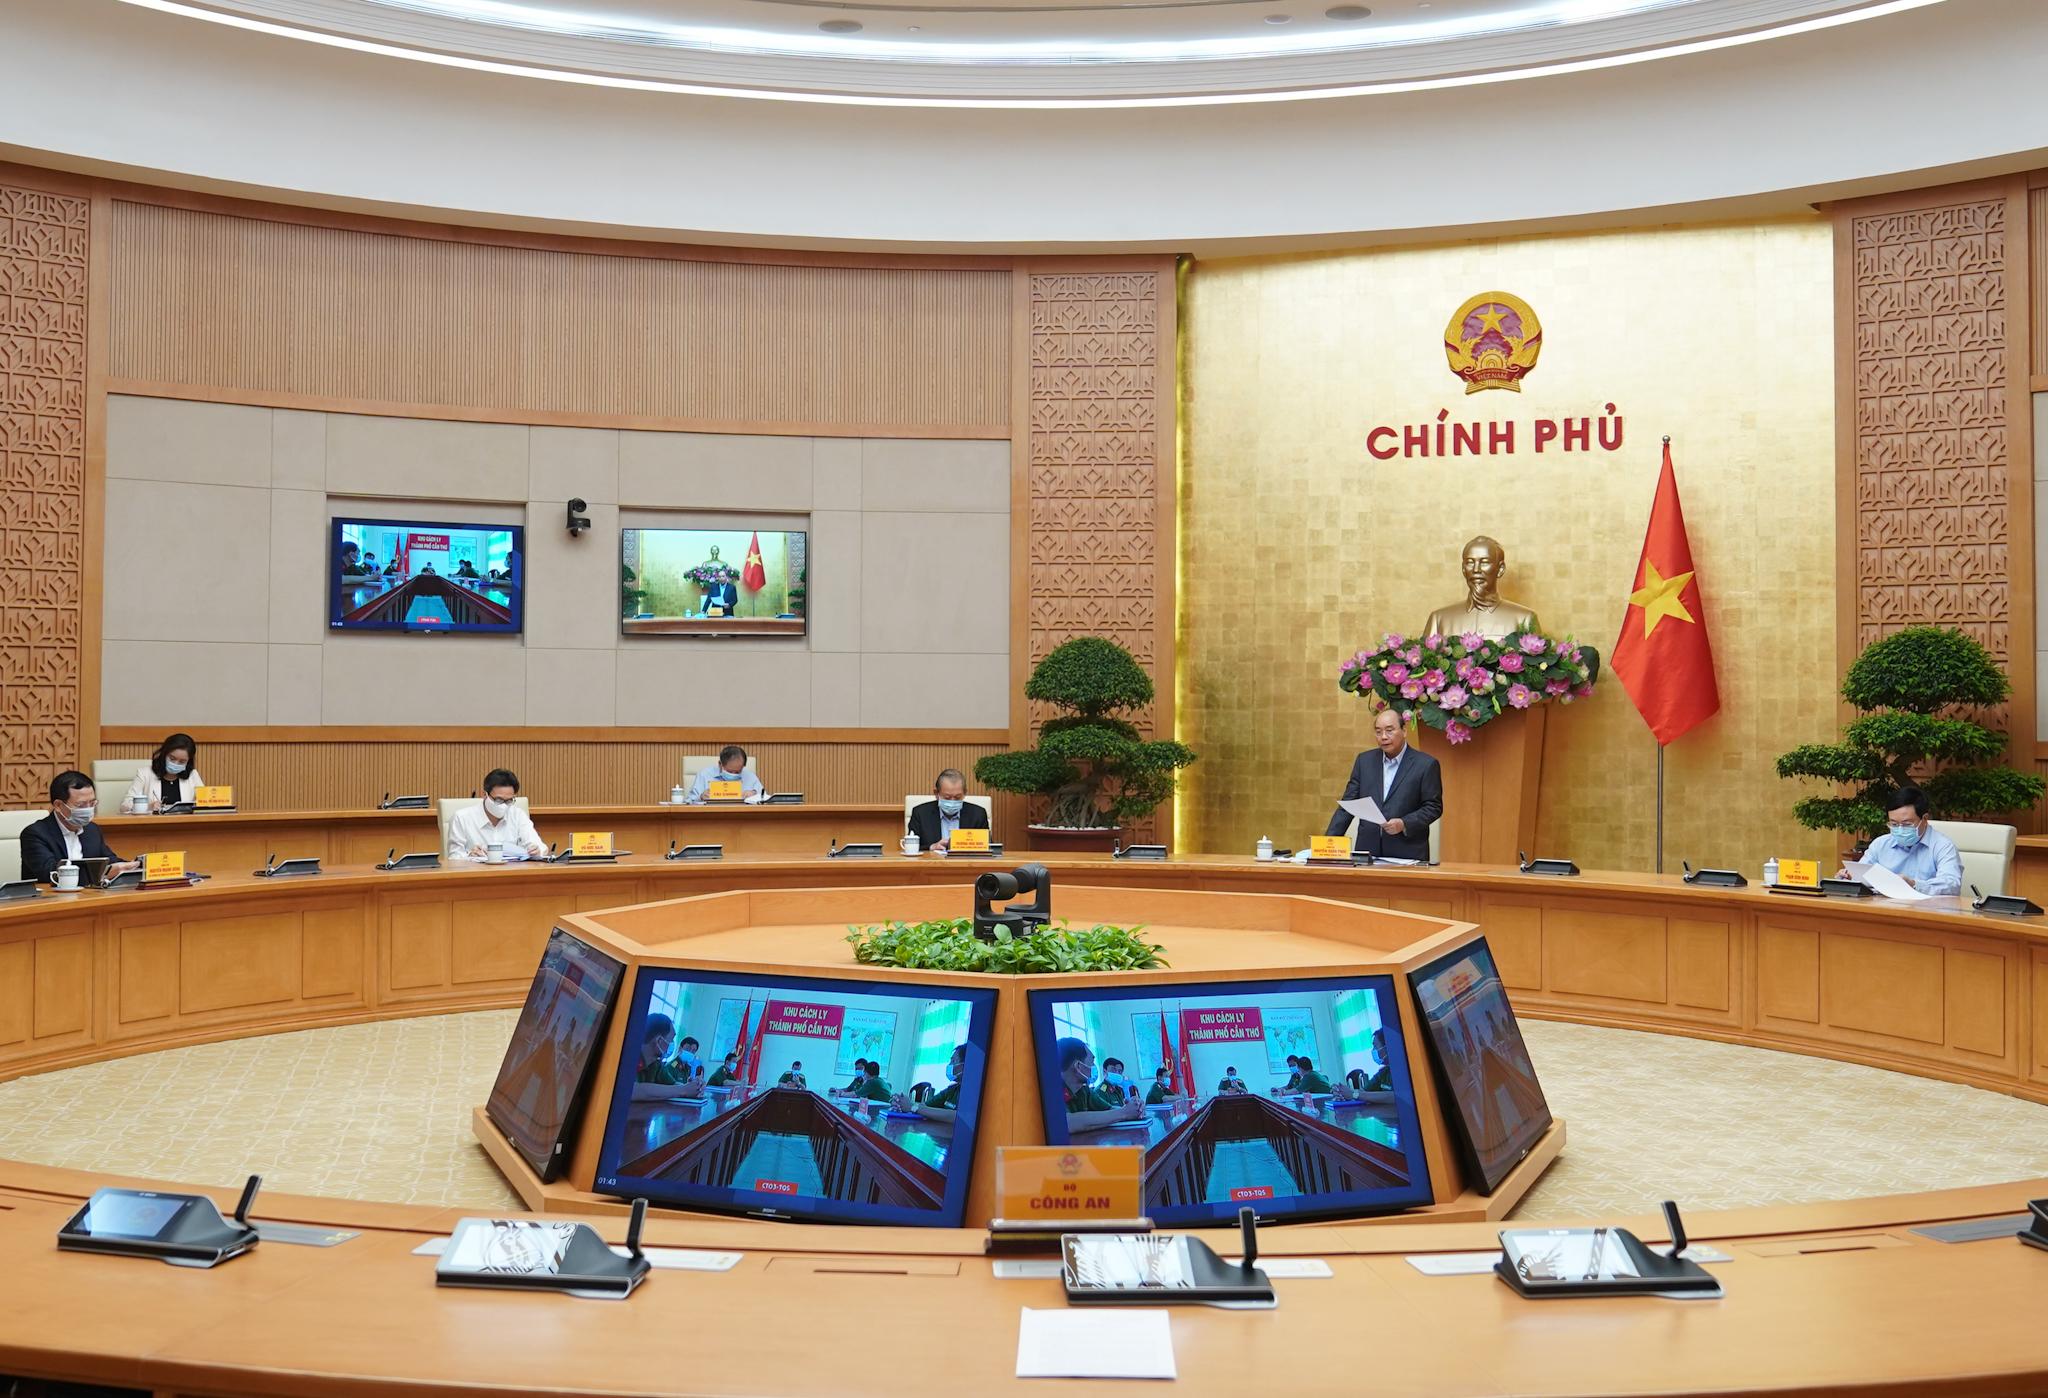 Thủ tướng chỉ đạo chống dịch COVID-19 tại 5 thành phố lớn - Ảnh 1